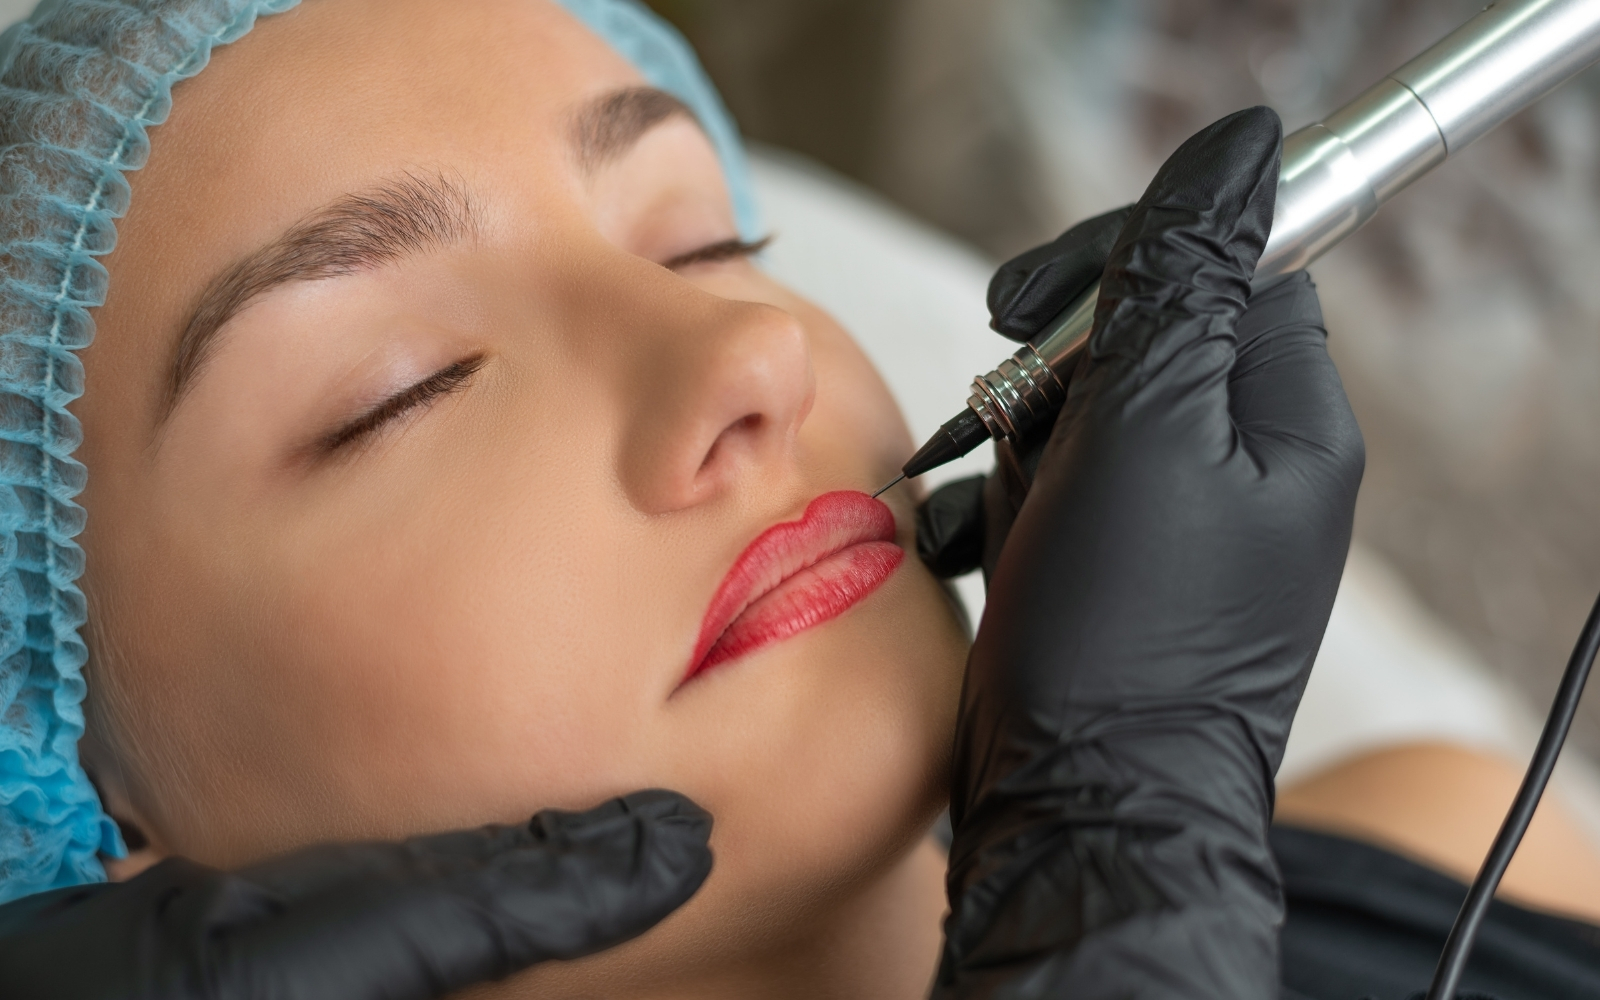 tratamiento de micropigmentación de labios